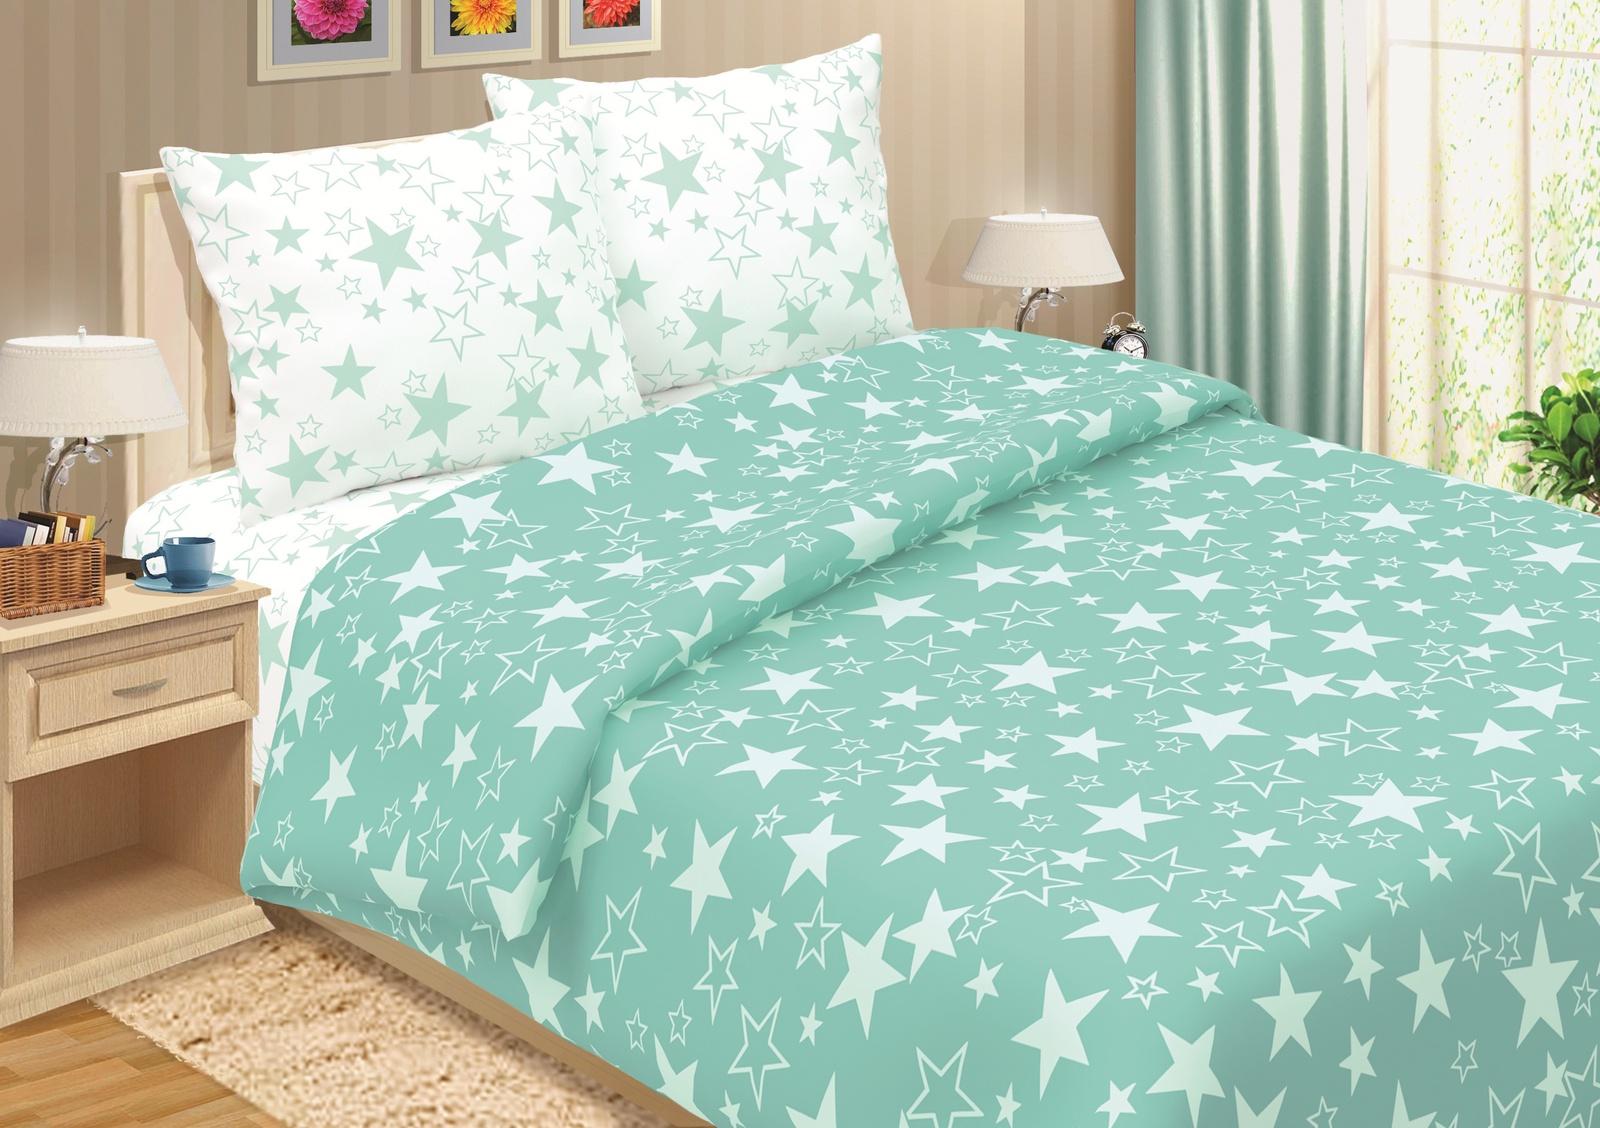 Комплект постельного белья ТК Традиция 2 спальный, бирюзовый1205/ЗвездыКомплект постельного белья «Pastel», изготовлен из набивного поплина плотностью 118 гр/кв.м. Поплин - хлопчатобумажная ткань, благодаря плотному переплетению нитей имеет высокую прочность и гладкость.Ткань мягкая и приятная к телу. Полотно, покорившее Европу, а за ней и весь мир, сегодня самый востребованный материал для постельного белья. Ткань не линяет, естественная усадка не превышает норму, обладает низкой сминаемостью, качество пошива фабричного уровня. Наволочки и пододеяльник комплекта сшиты из основной ткани, простыня из ткани-компаньона, что придает белью особый стиль. Пододеяльник имеет прорезь, наволочки - клапан, простыня содержит открытые кромки. Предложенная комплектация может незначительно отличаться от фотоизображения.